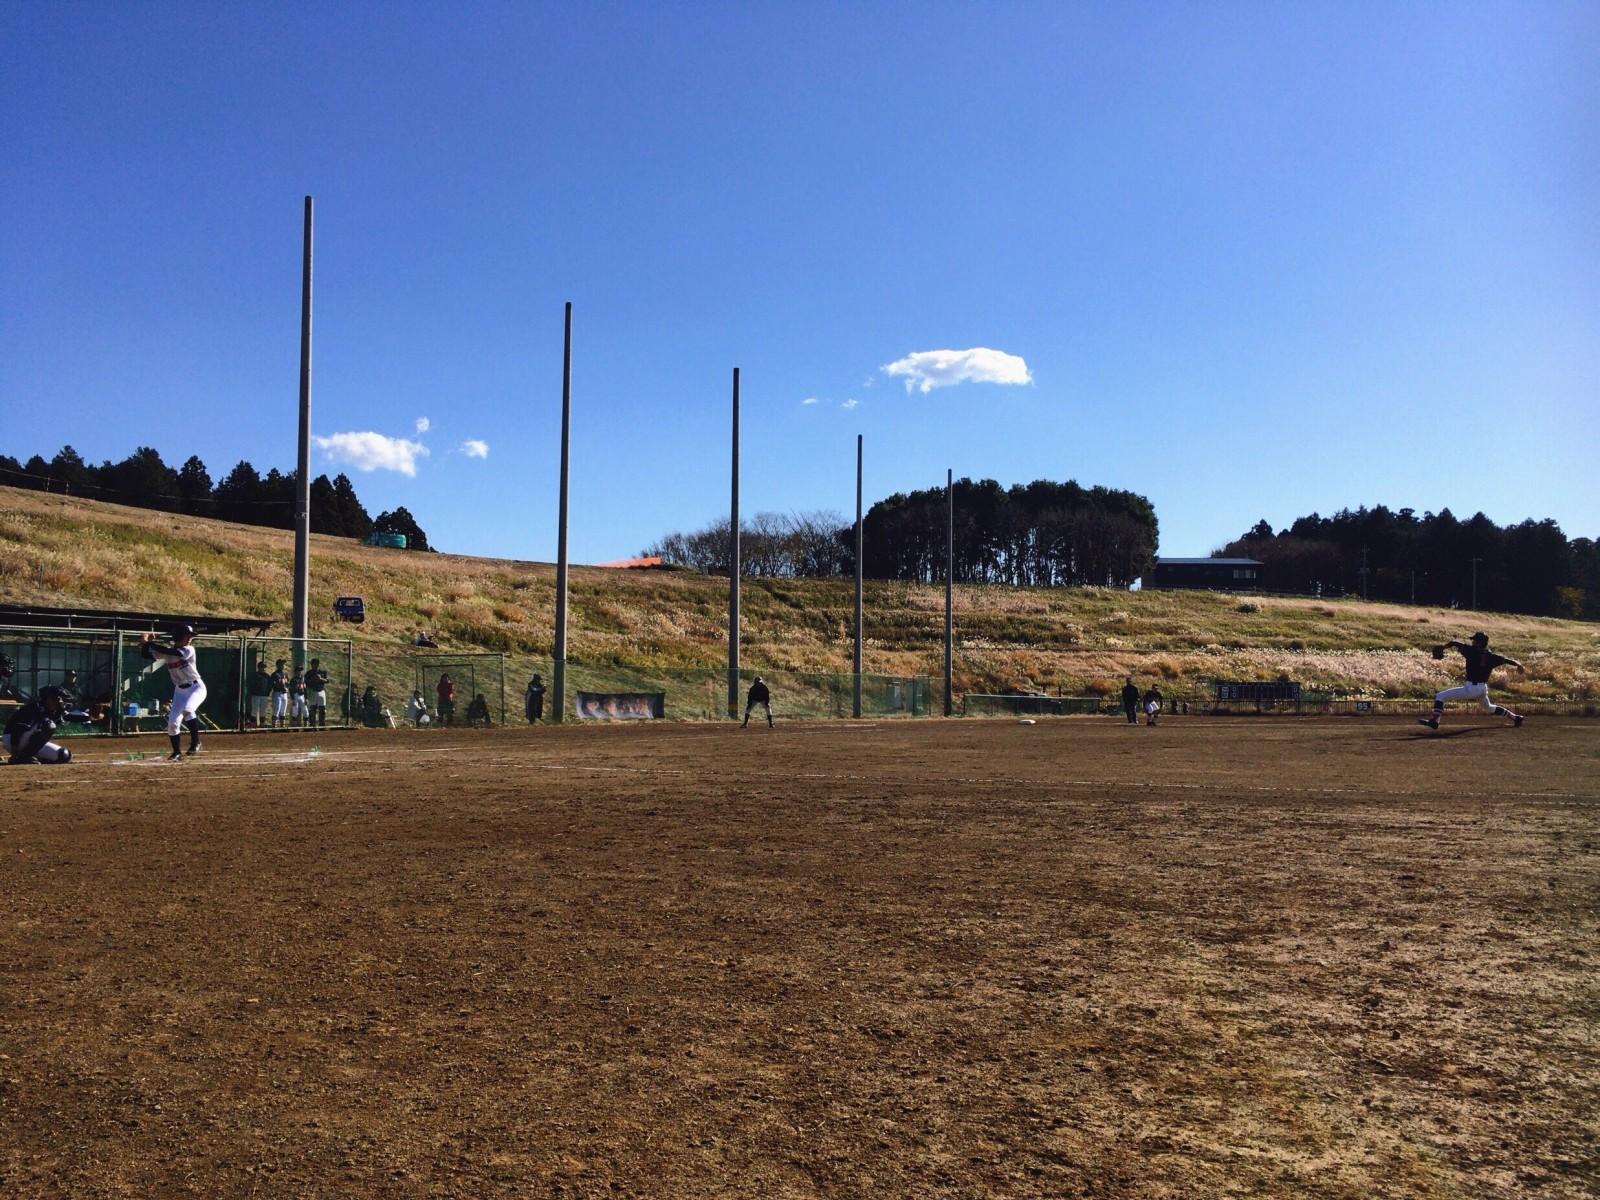 2016.12.10 第4回水戸ヤクルトカップ大会 1回戦 福島リトルシニア戦